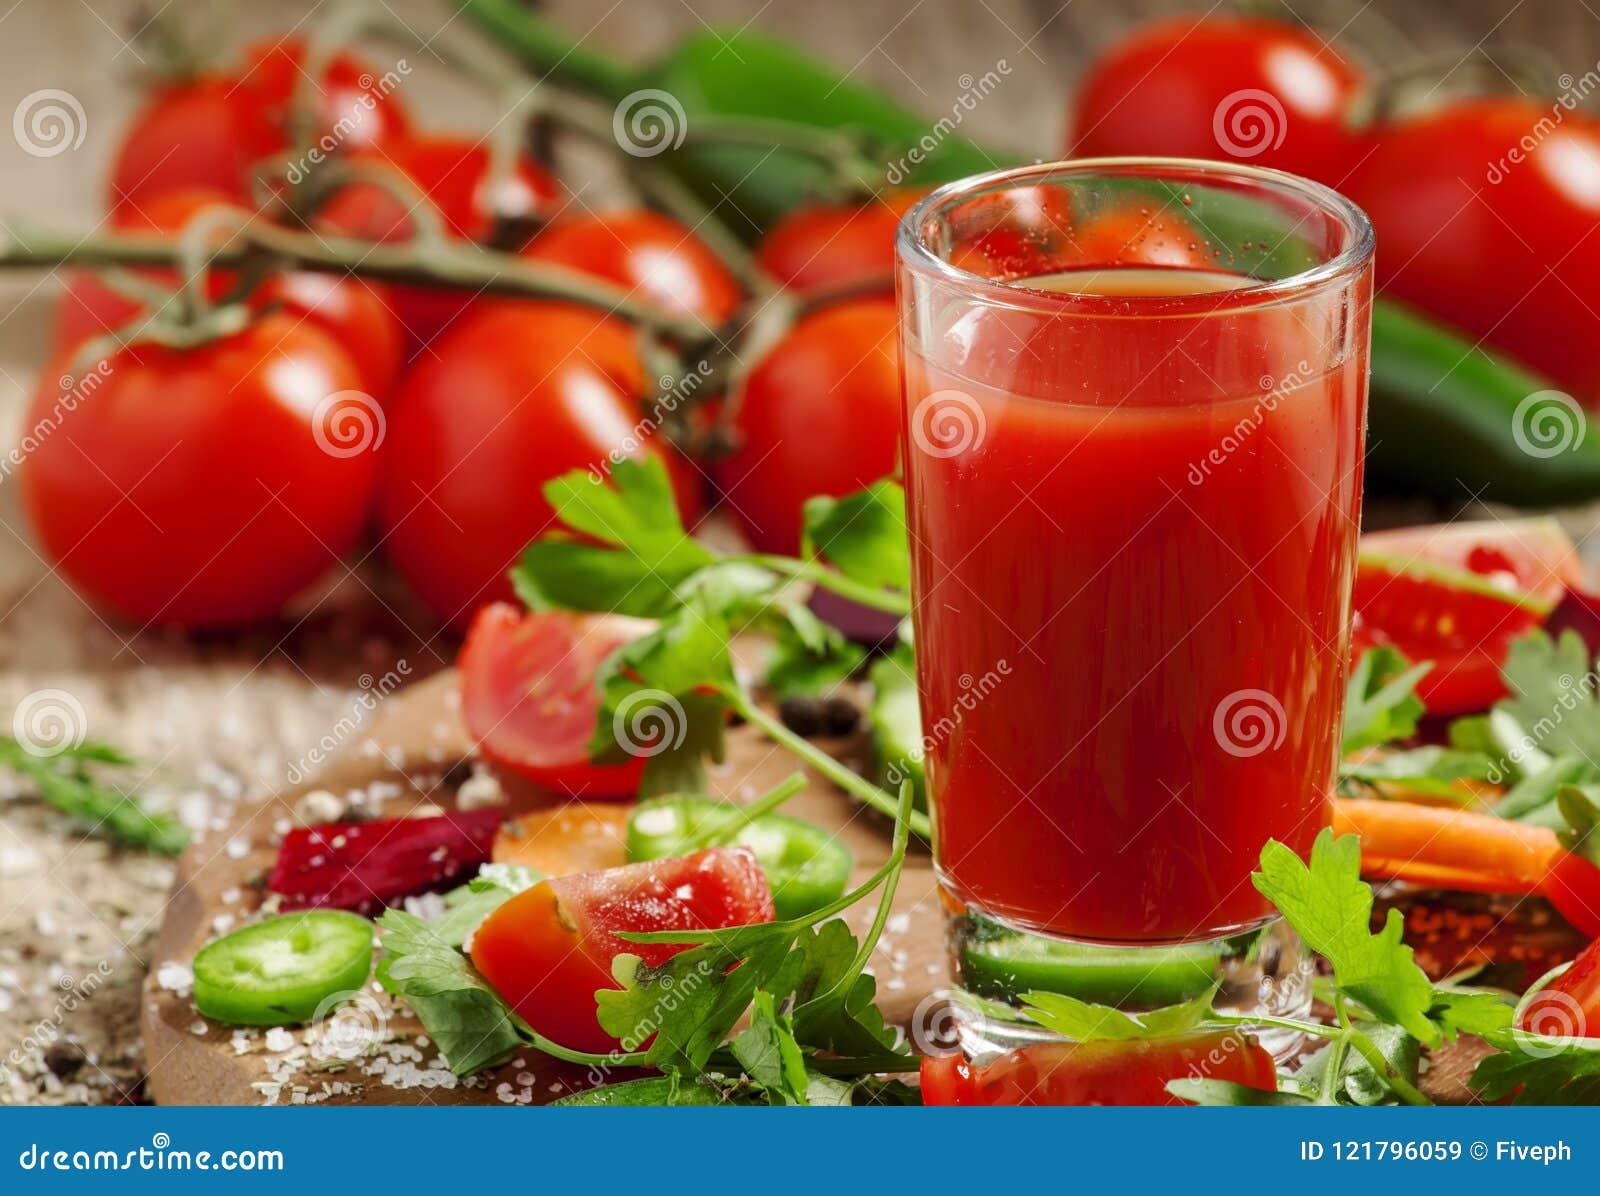 Świeży sok od mieszanki warzywa z warzywami i ziele